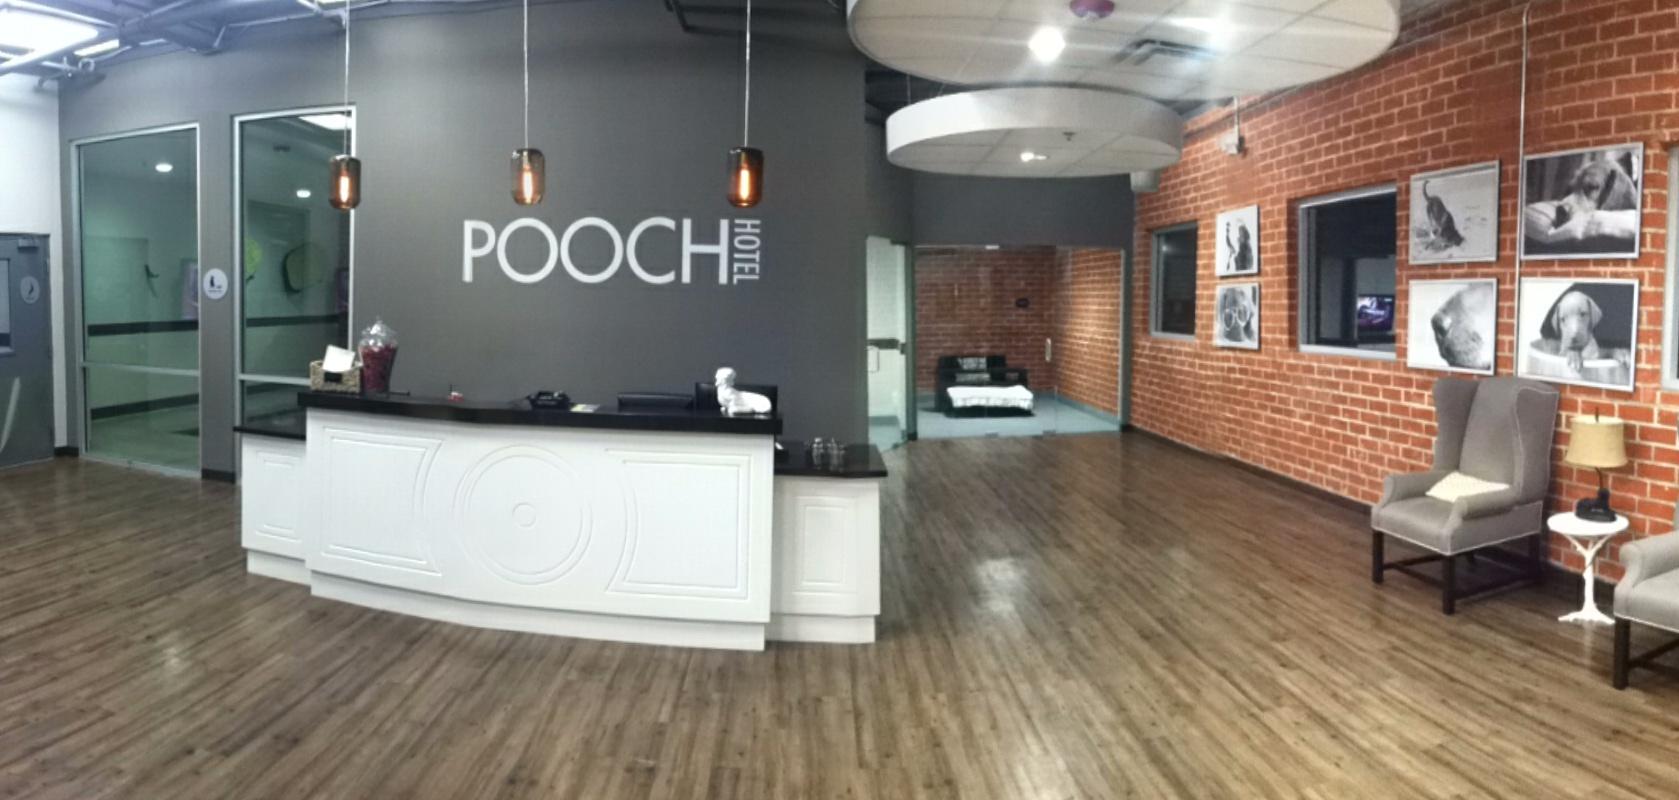 Pooch Hotel Santa Monica - Lobby.jpg